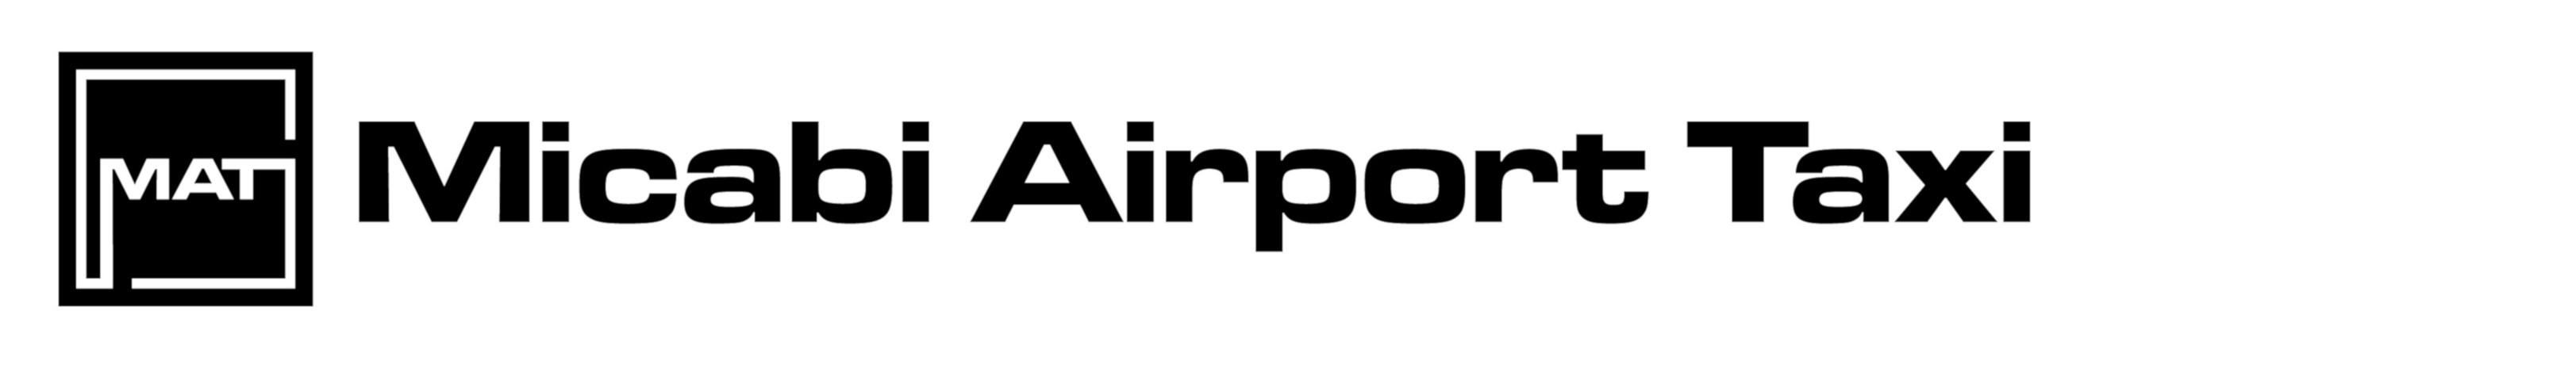 MiCabi Airport Taxi